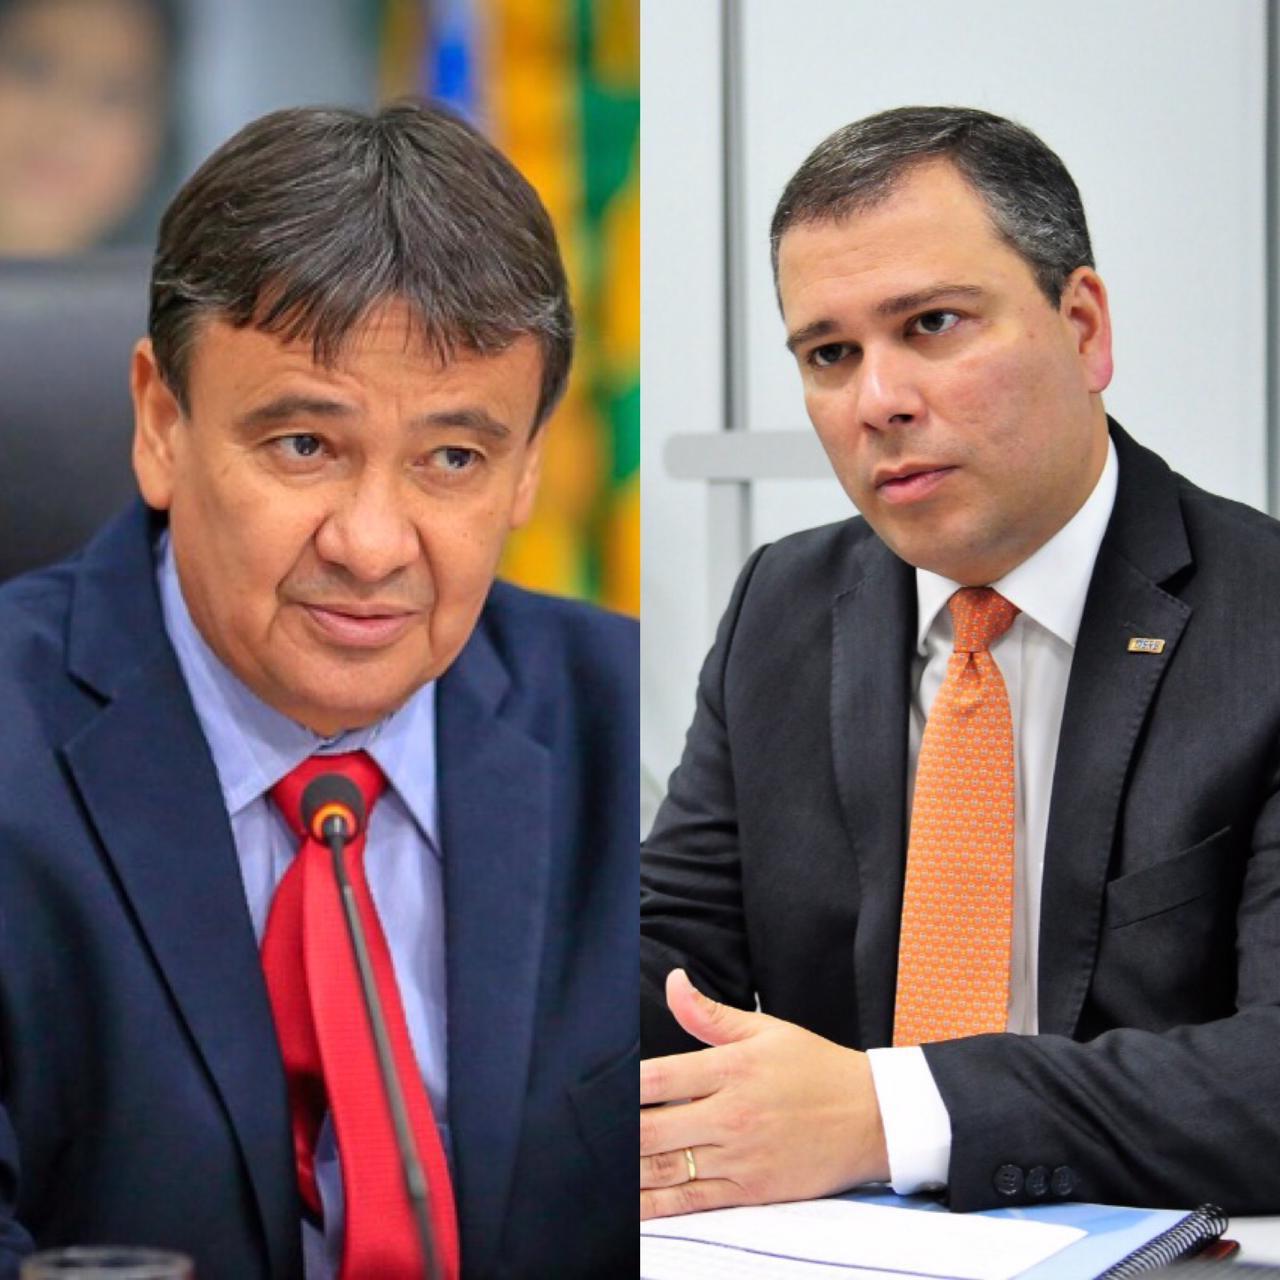 Governador do Piauí se reuniu com o presidente do BRB de forma virtual